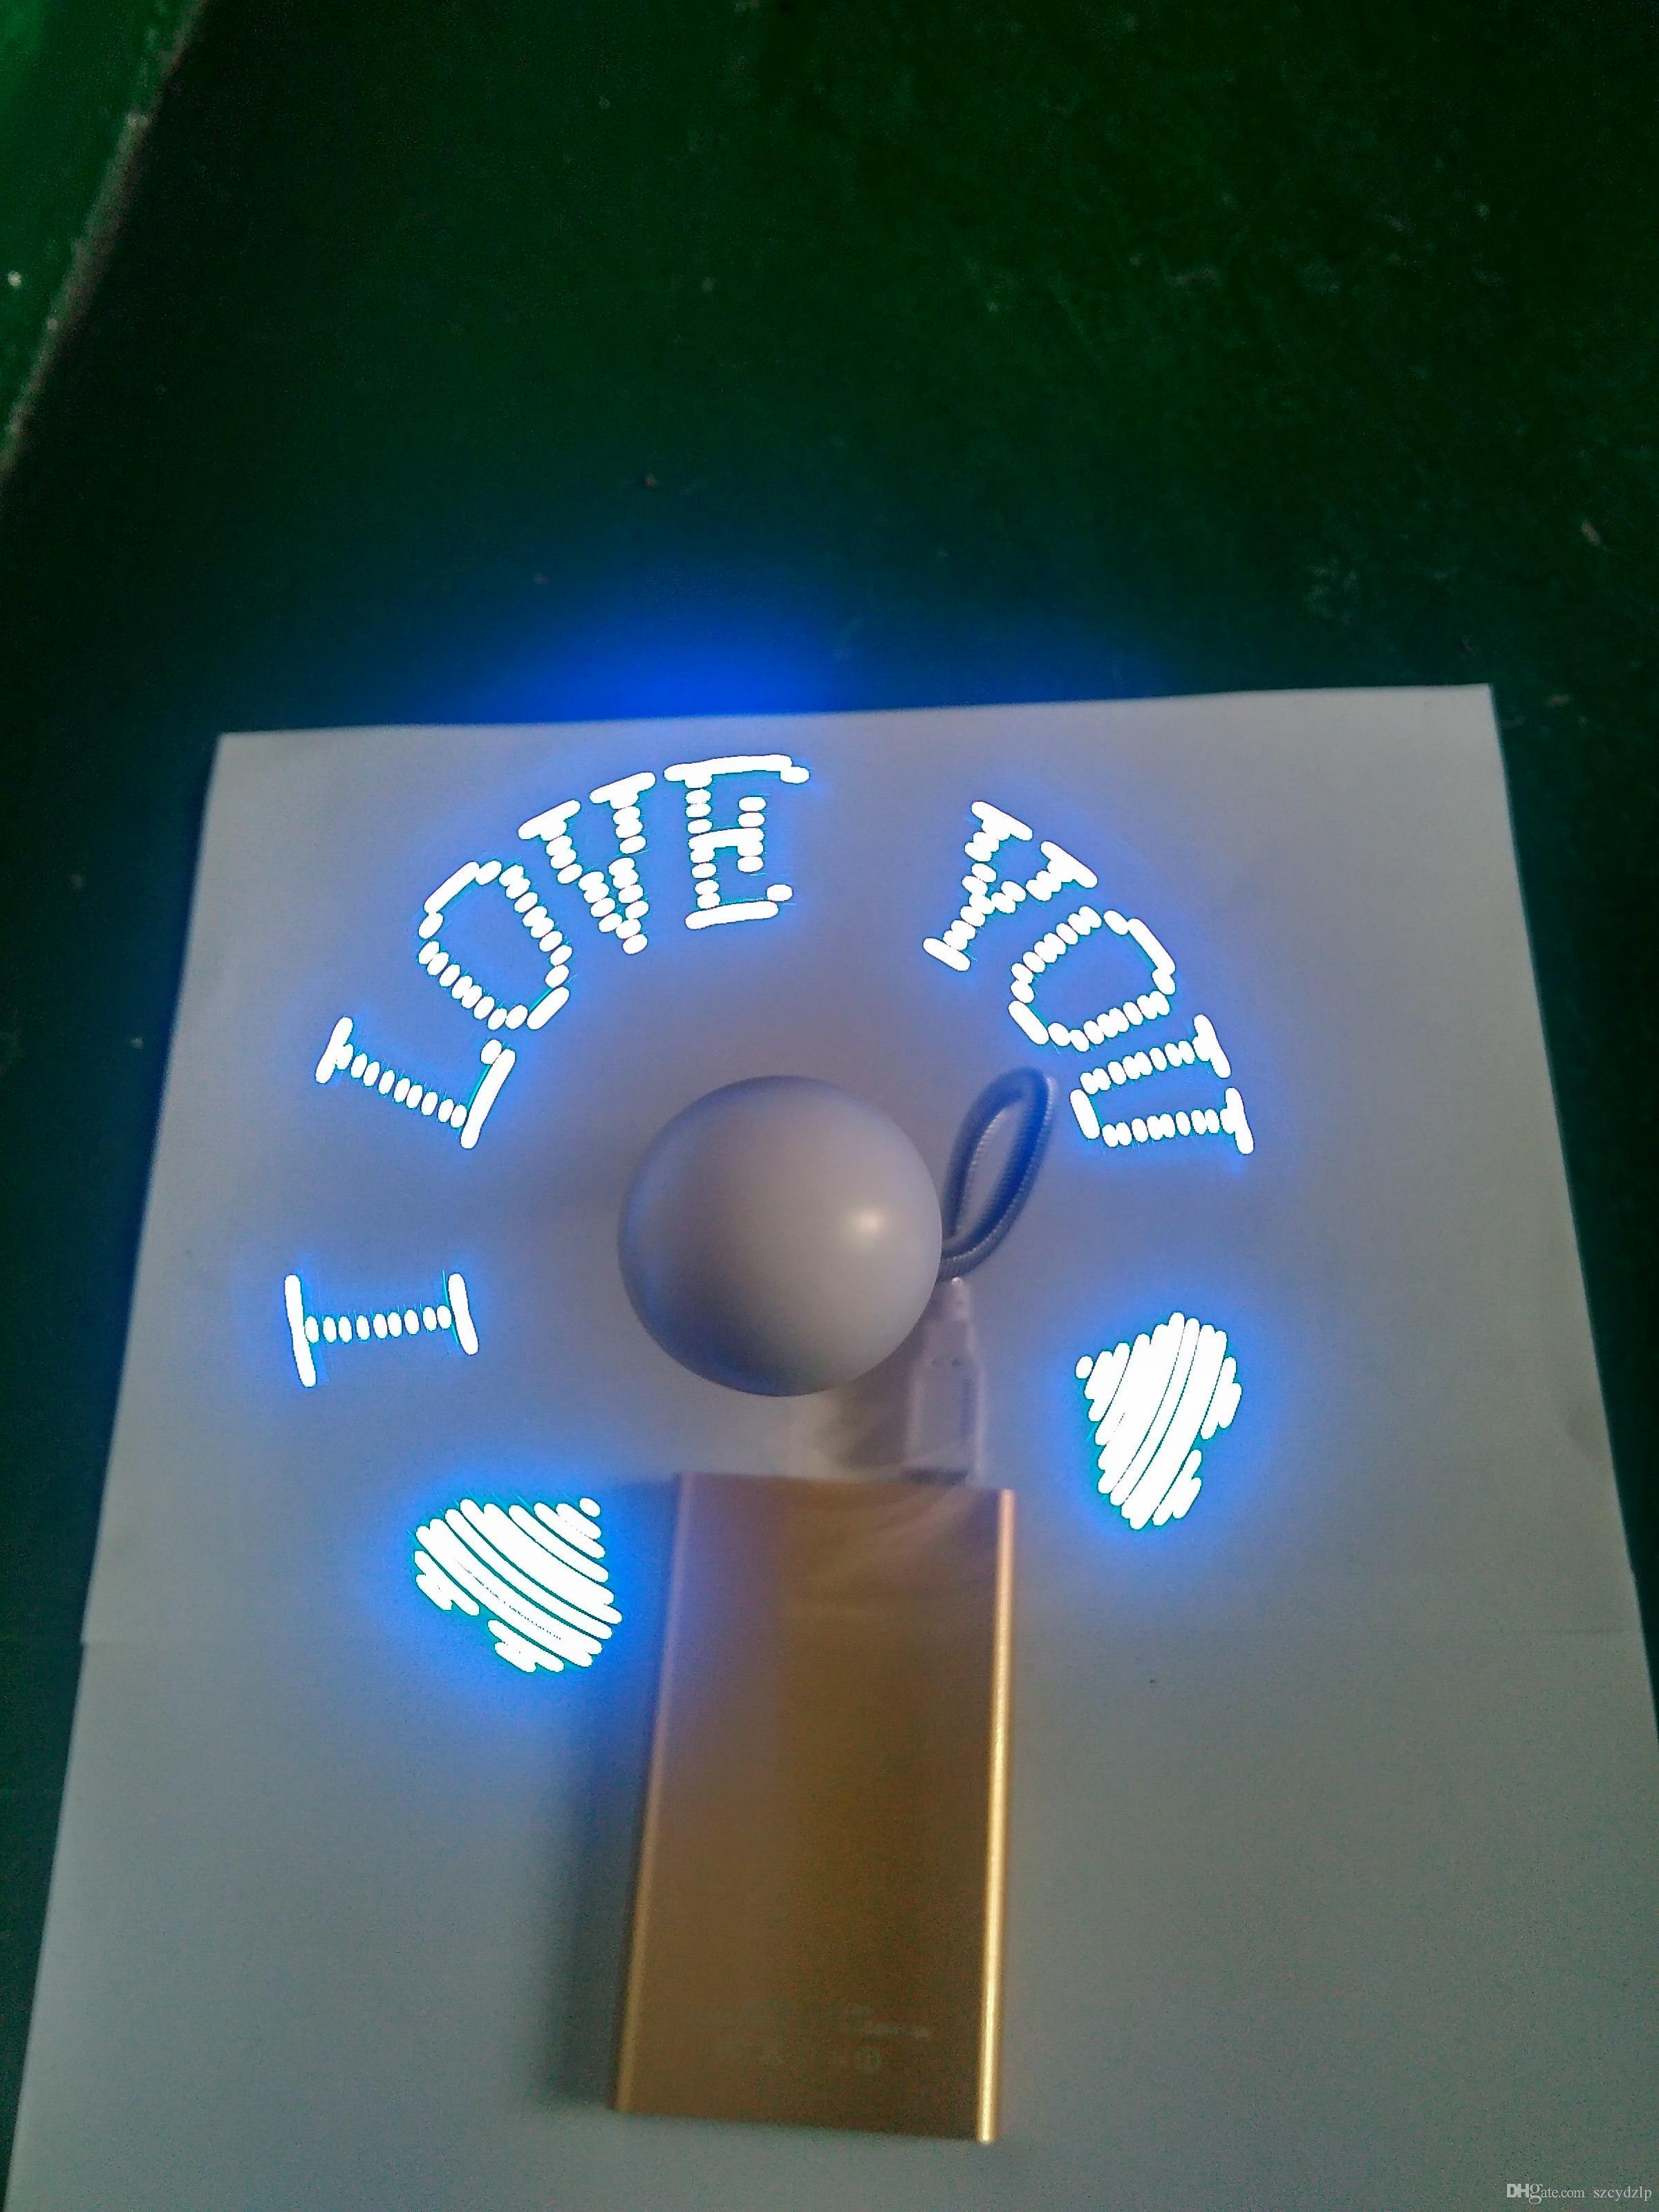 2016 Портативный мини-зарядка usb программируемый светодиодный вентилятор для рождественских подарков оптовые продажи - программируемое Пользовательское сообщение синий.